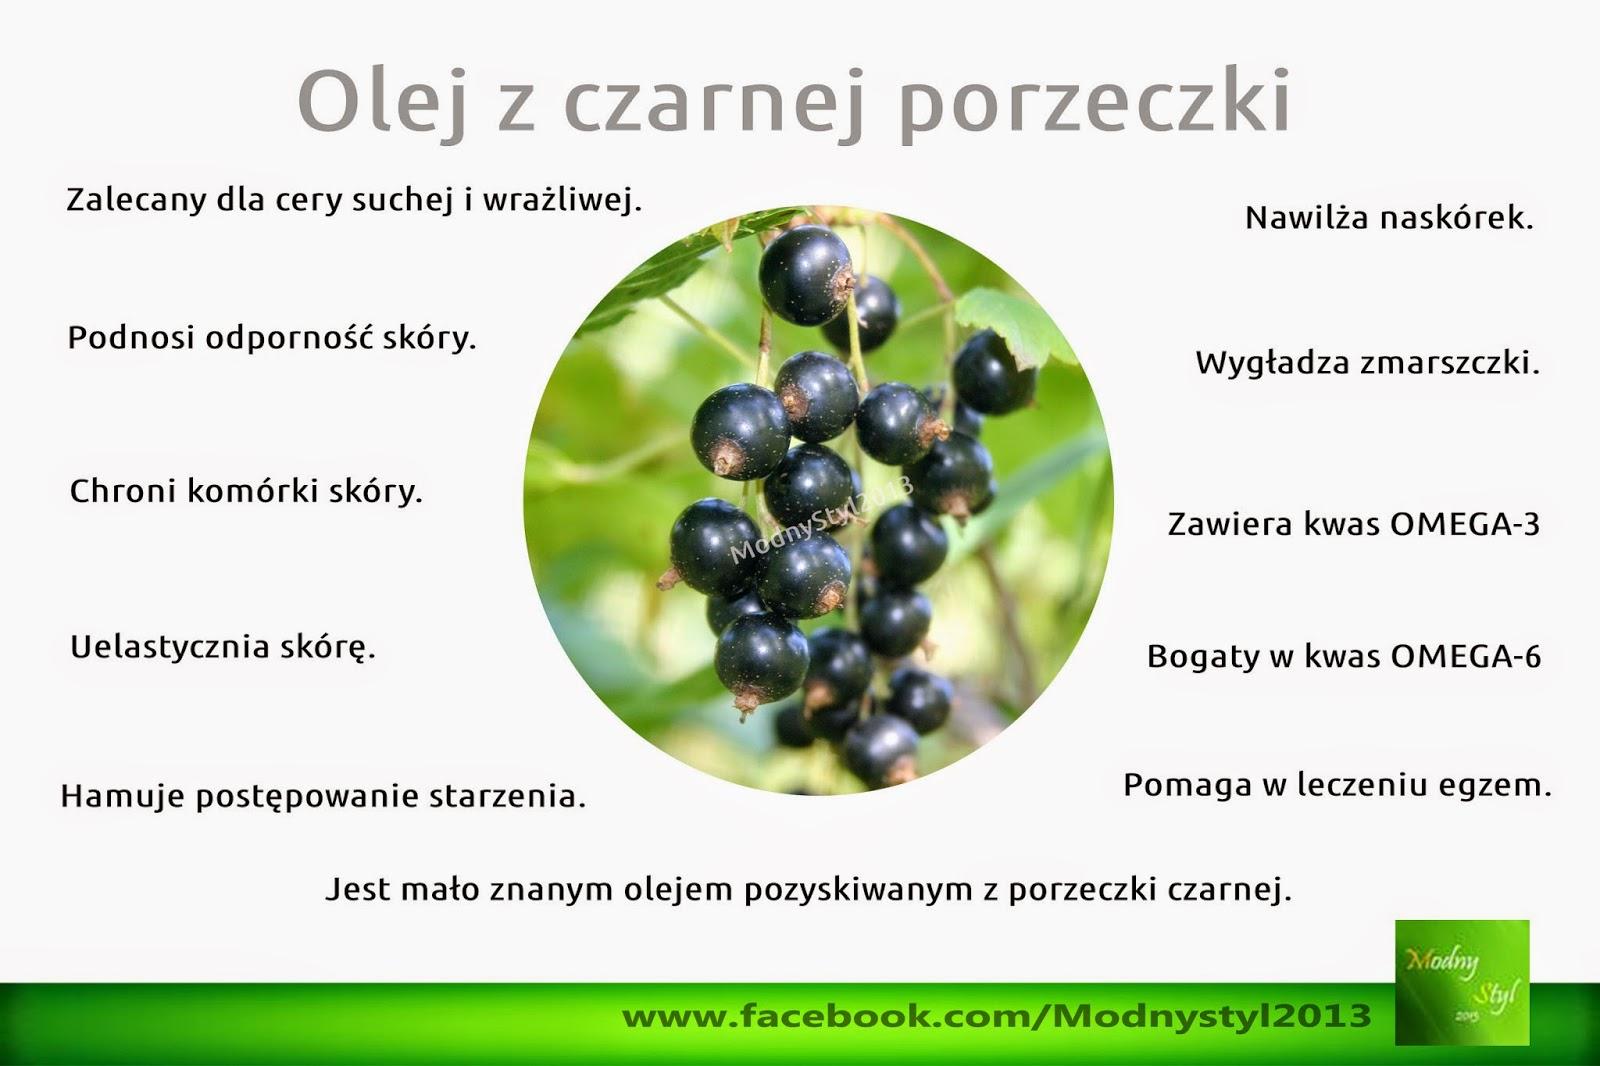 Olej z czarnej porzeczki